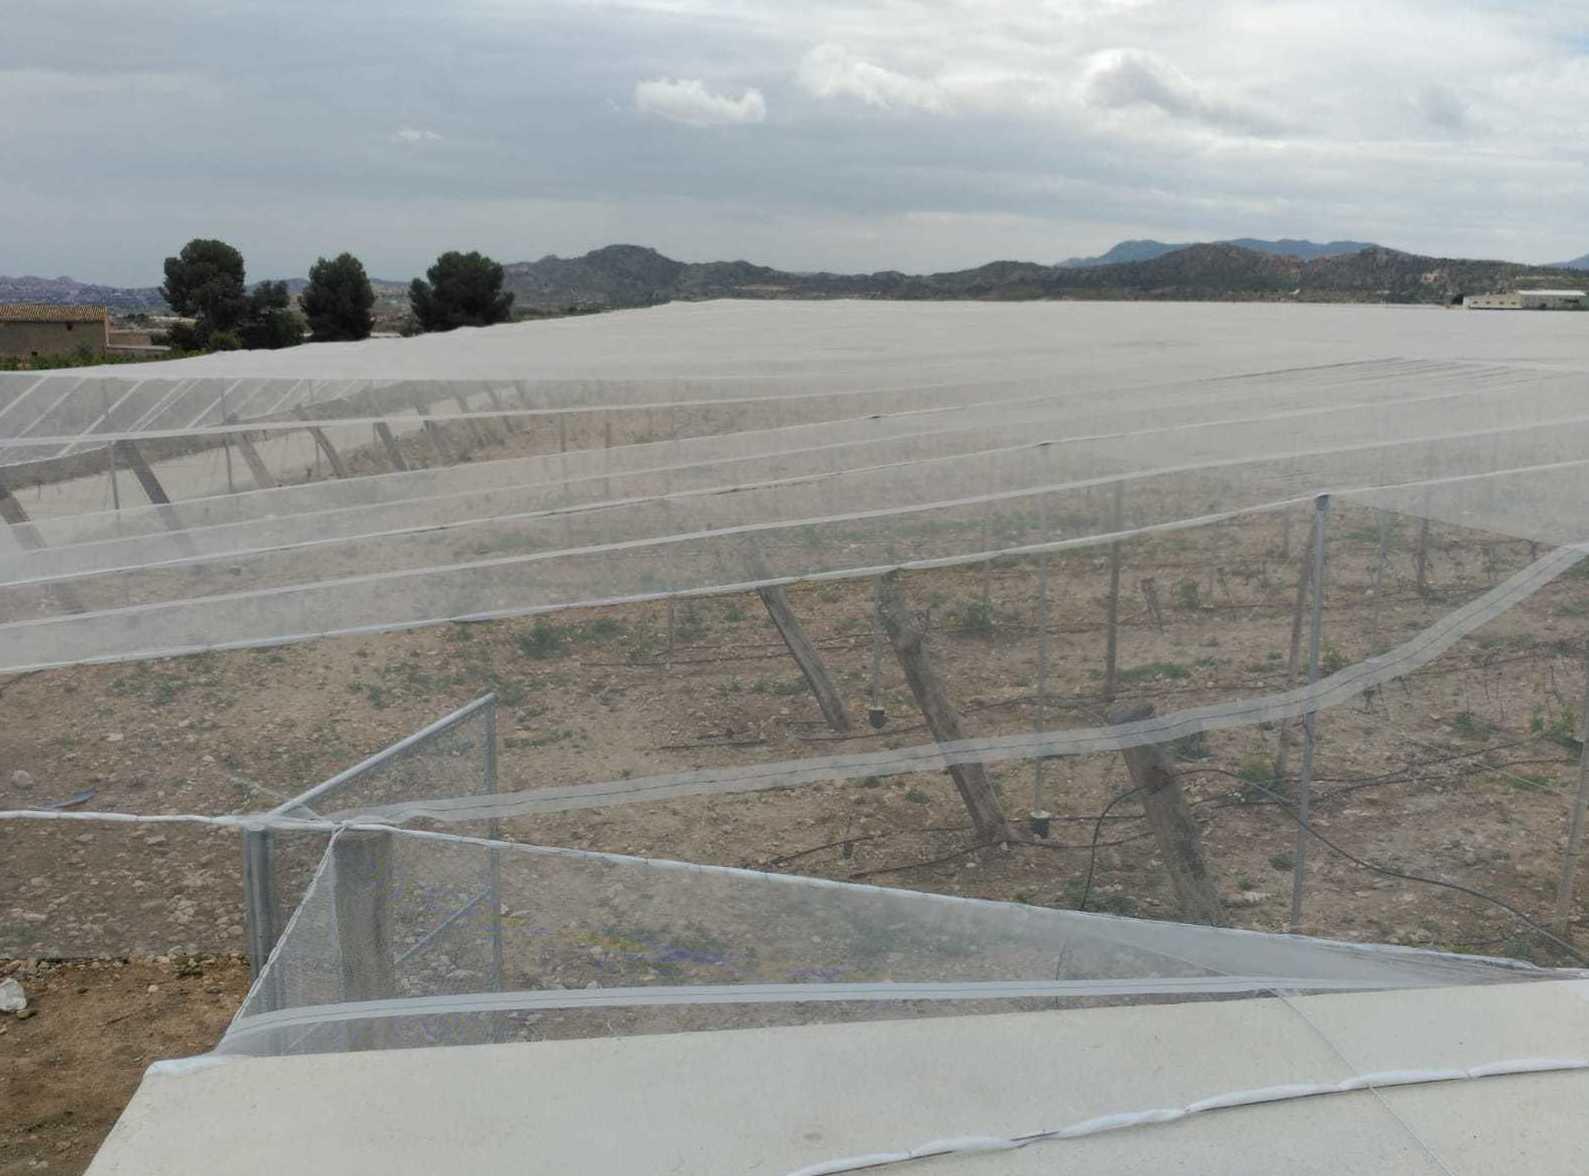 Foto 47 de Infraestructuras y trabajos agrícolas en La Murada – Orihuela | Mantenimiento y Estructuras Agrícolas Mateo e Hijo, S.L.